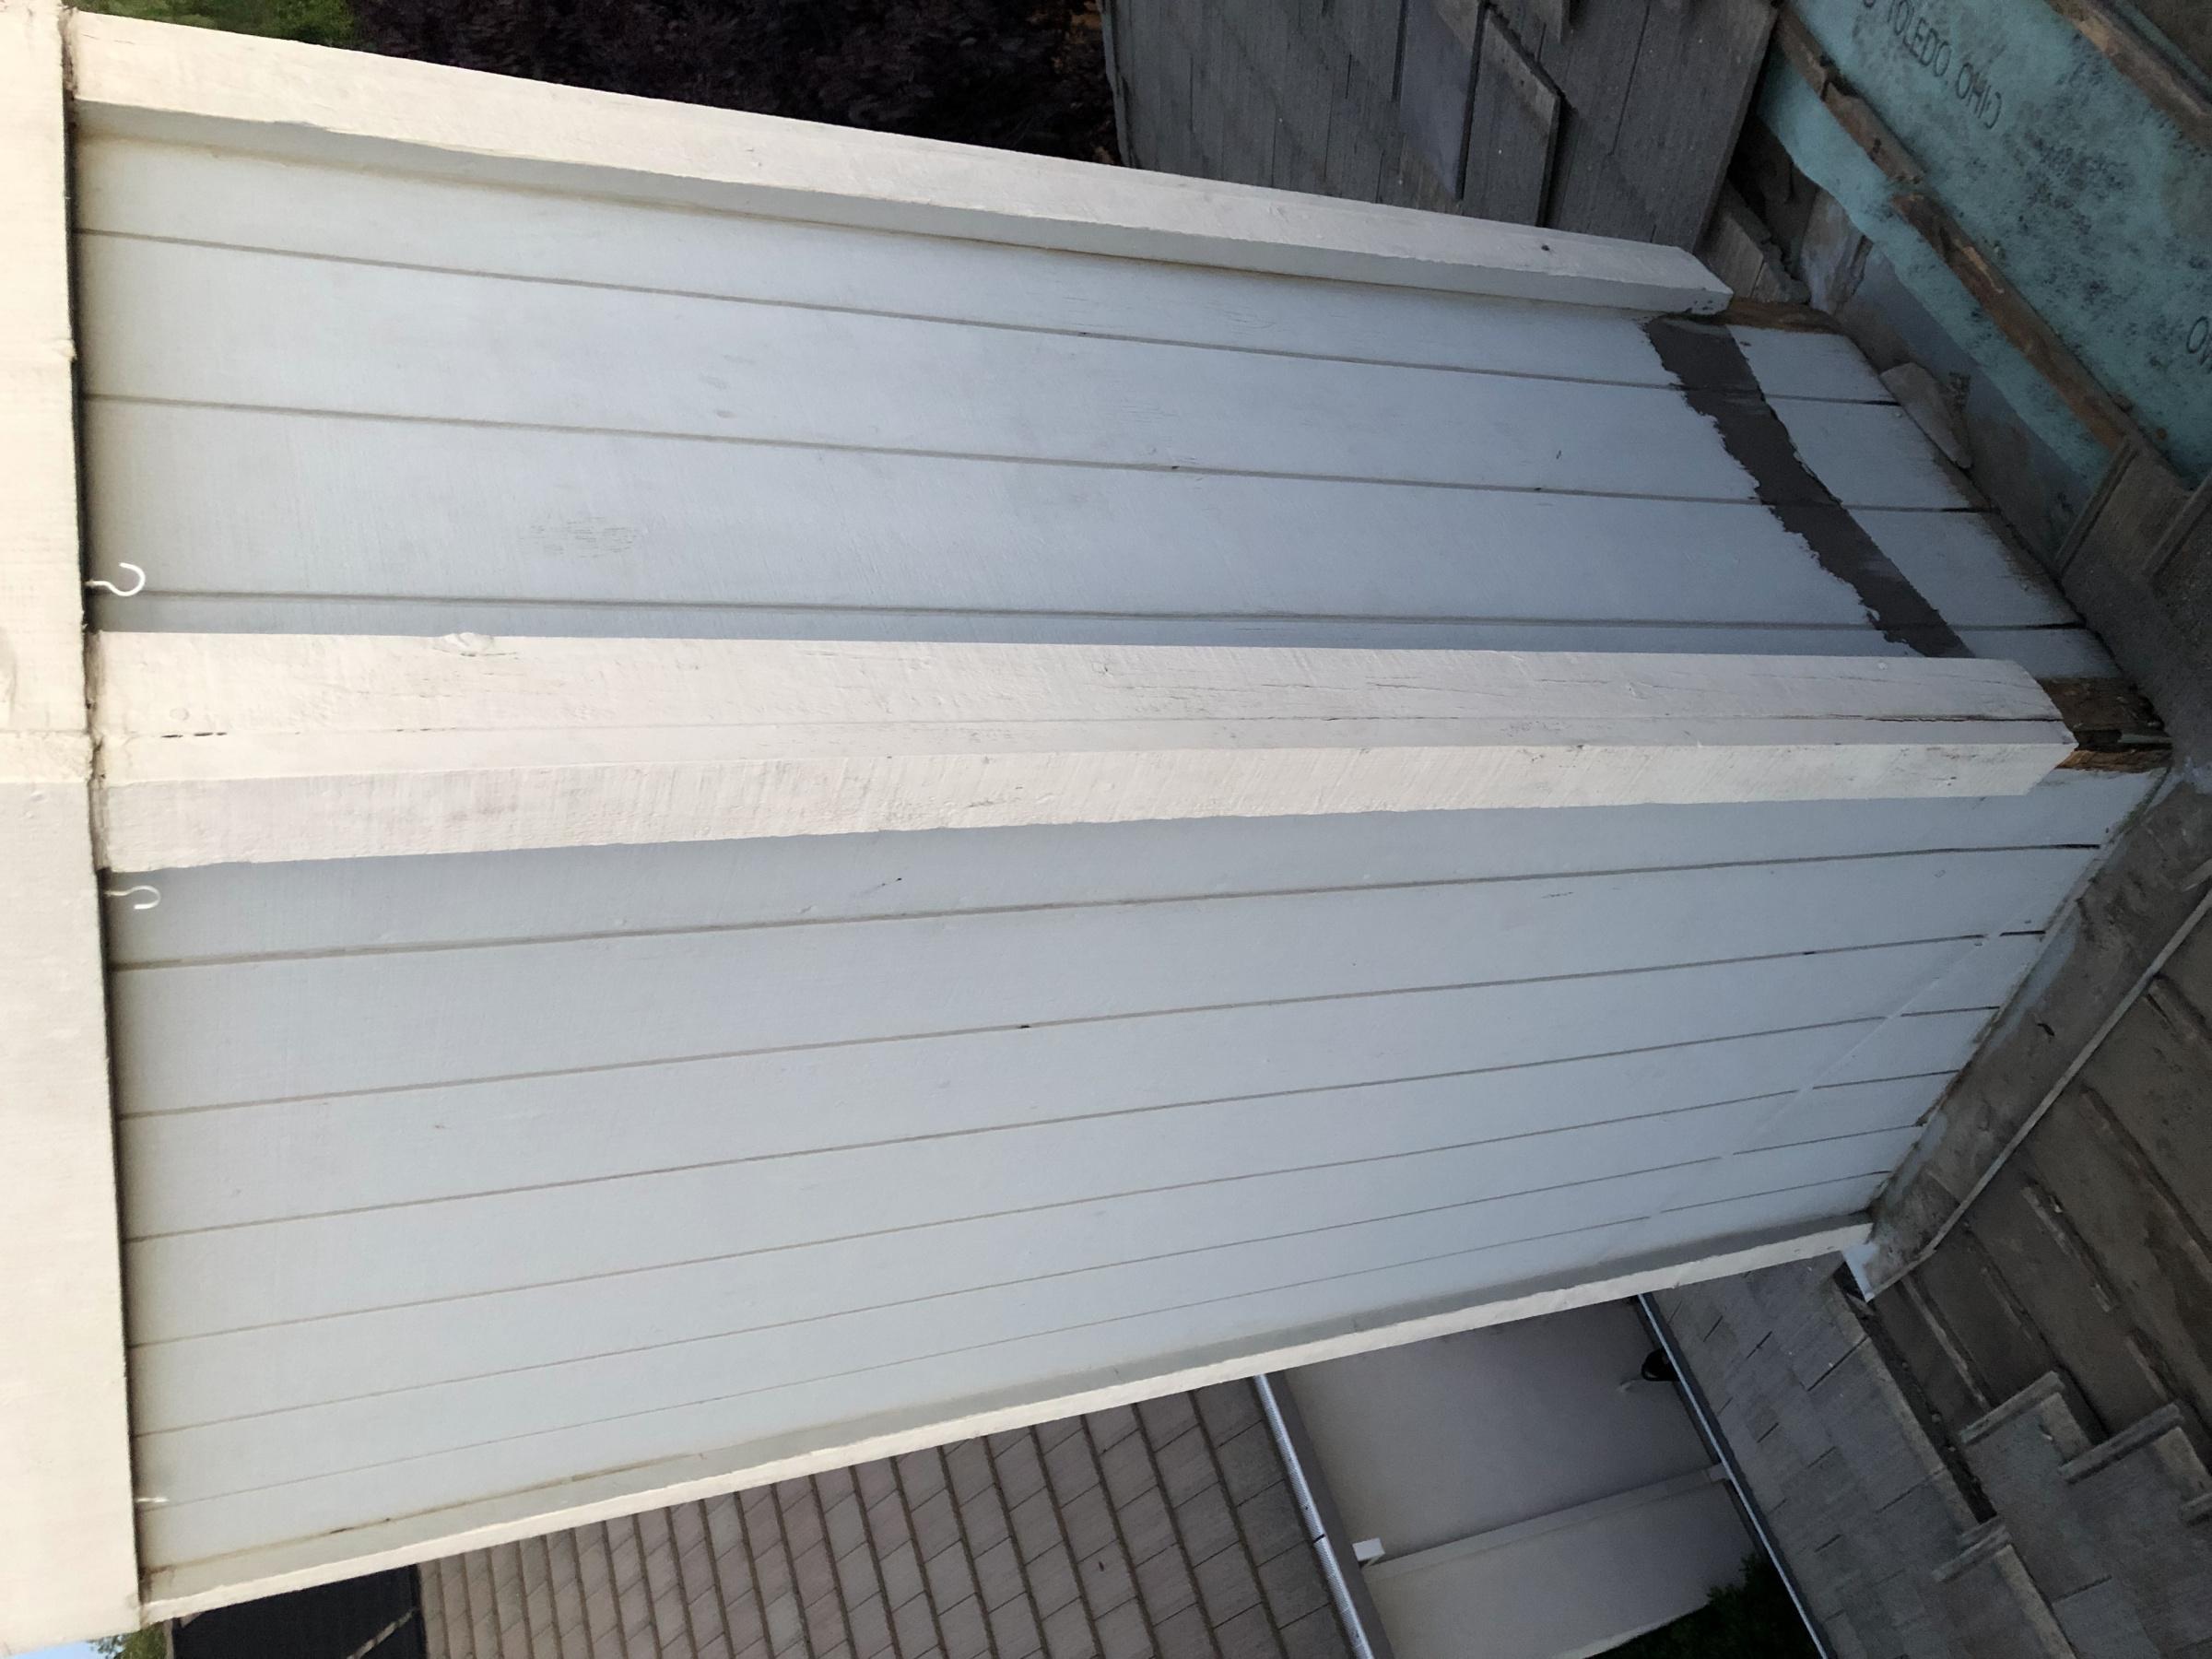 Leaking Roof Repair Tile General Diy Discussions Diy